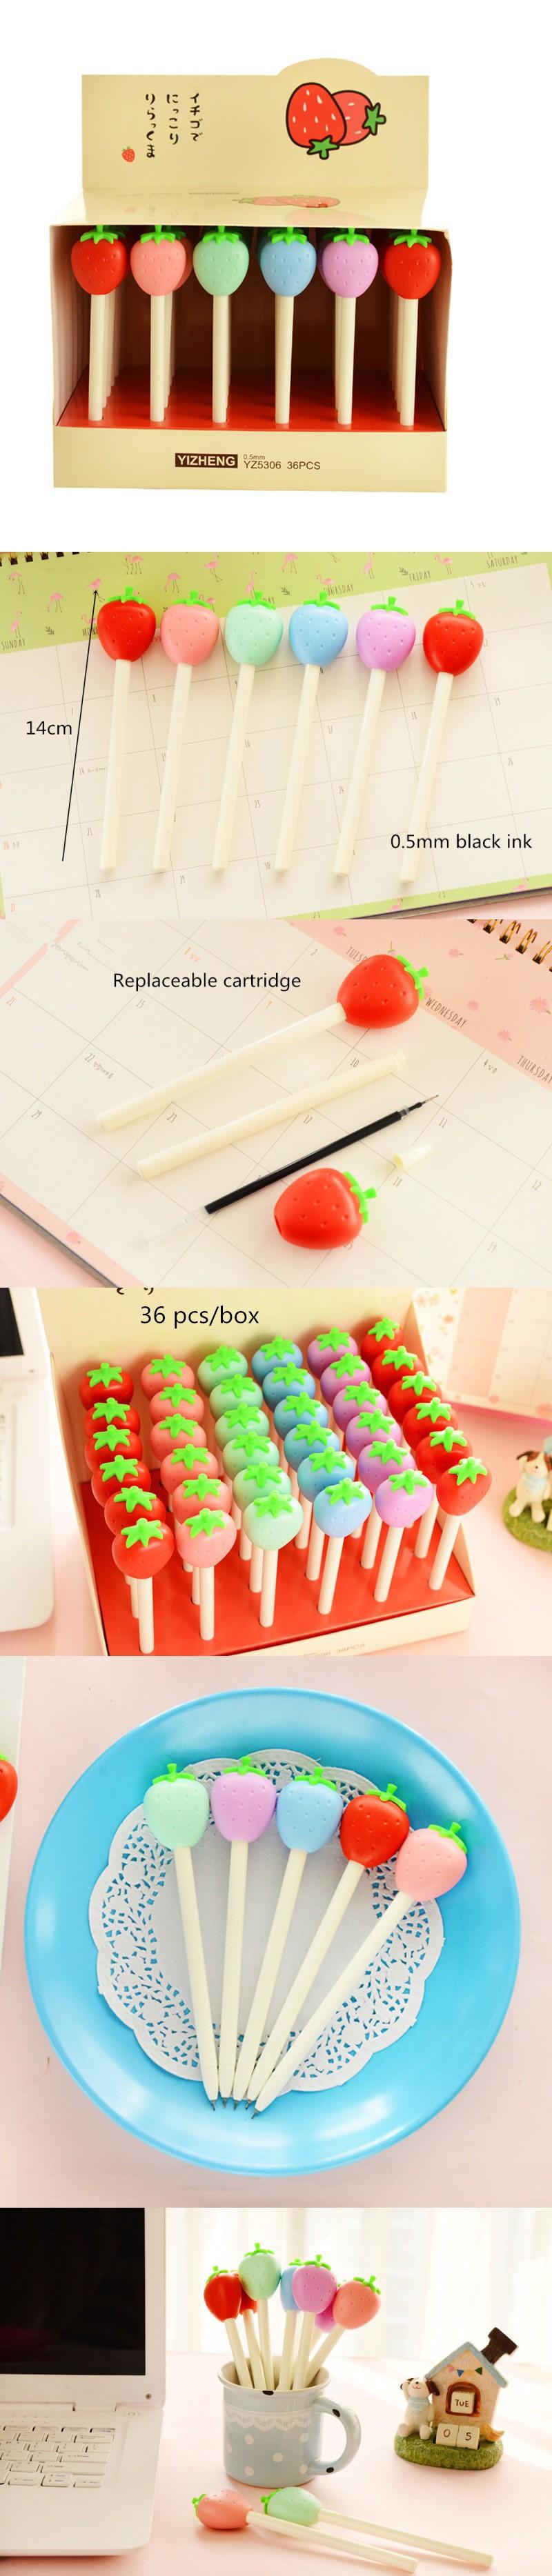 36 pcs/Lot Cute Japanese Sweet Kawaii Fruits Strawberry lollipop gel pen black ink Pens Kids Stationery Office School Supplies $27